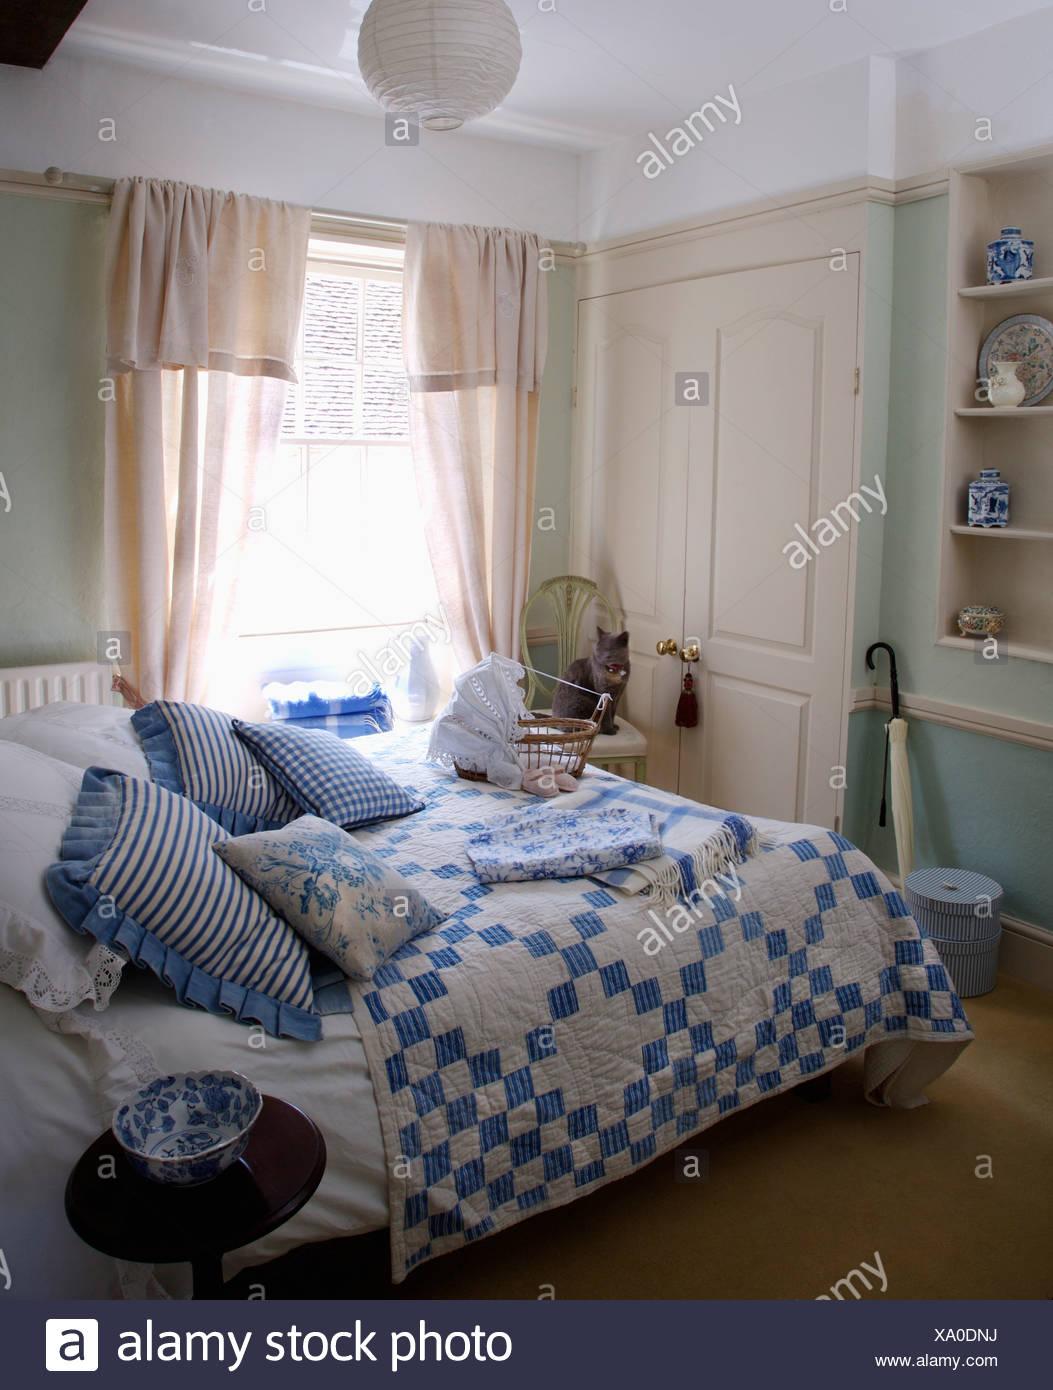 Bleu et blanc à rayures et patchwork coussins sur pays lit chambre ...